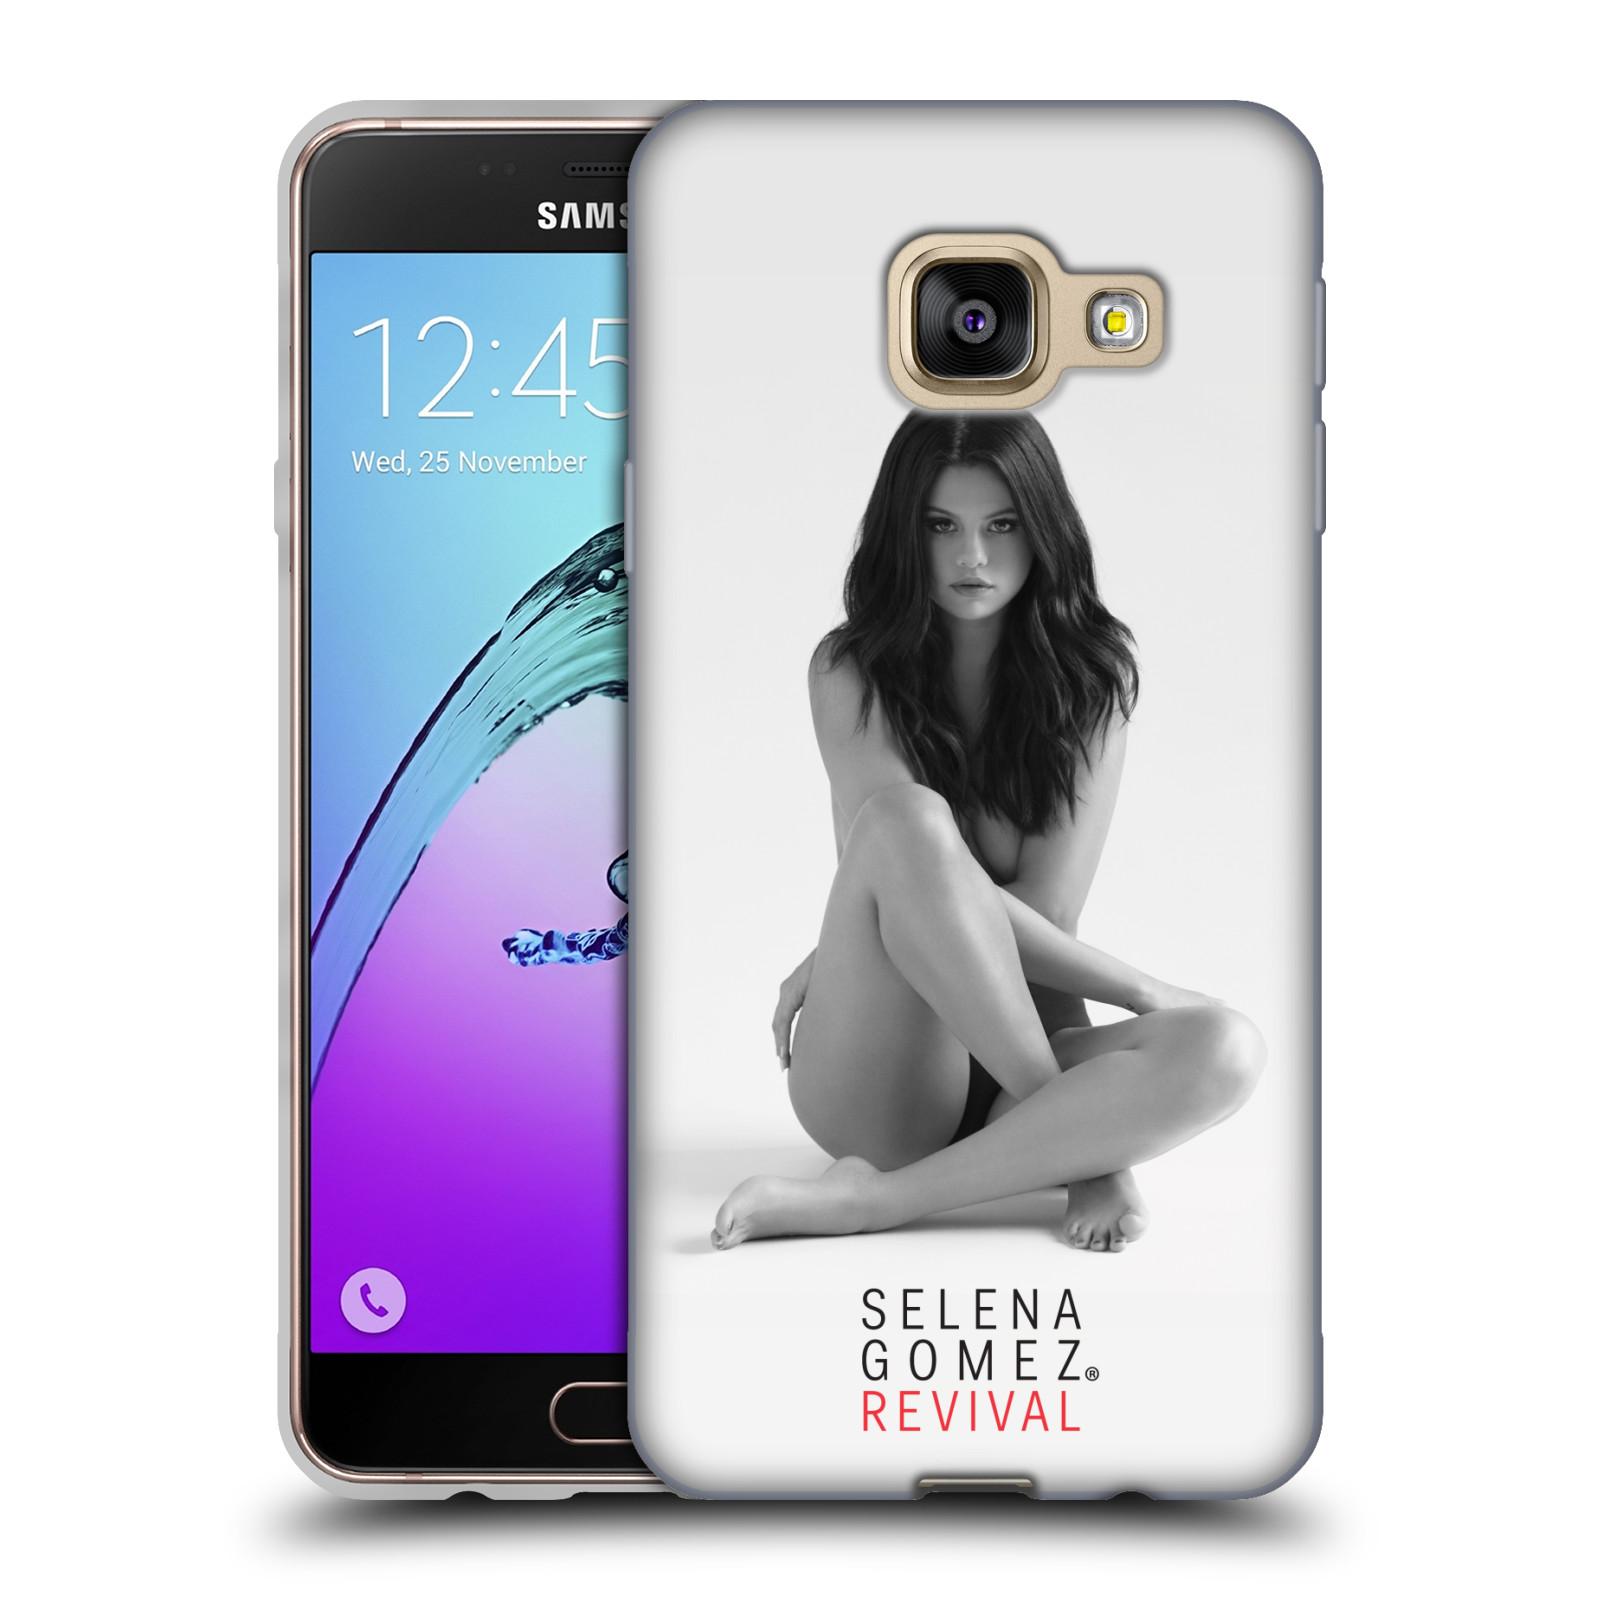 HEAD CASE silikonový obal na mobil Samsung Galaxy A3 2016 (A310) Zpěvačka Selena Gomez foto Revival